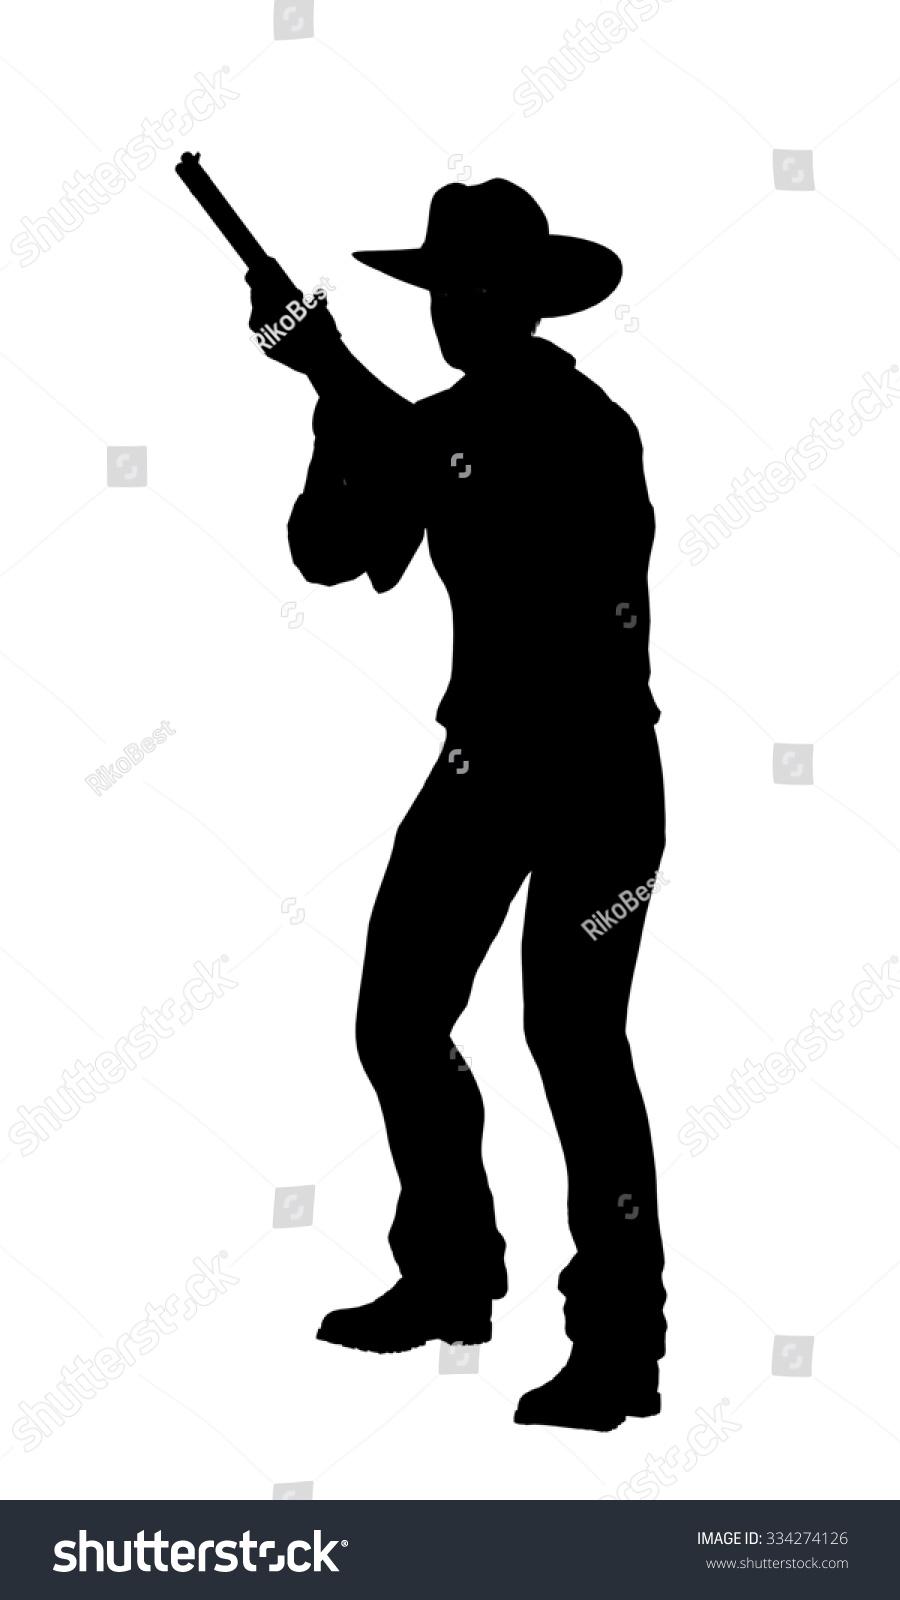 Cowgirl gun silhouette